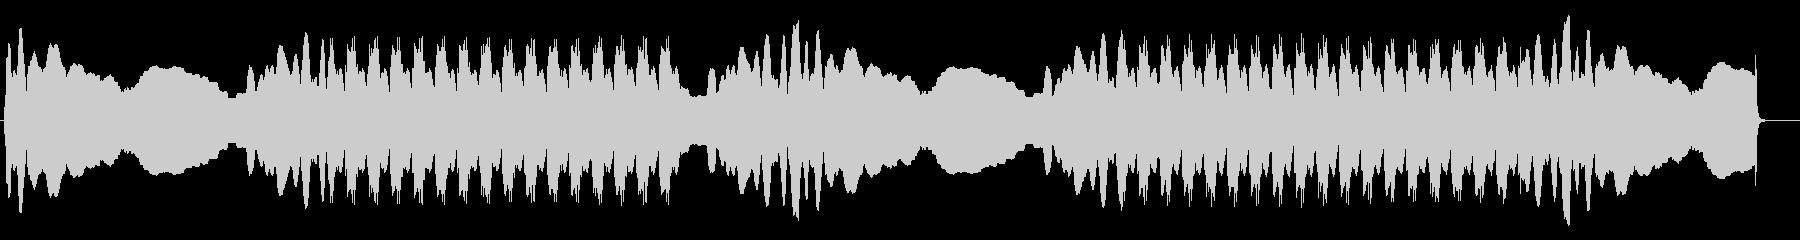 パトカー:Ext:Wail And...の未再生の波形